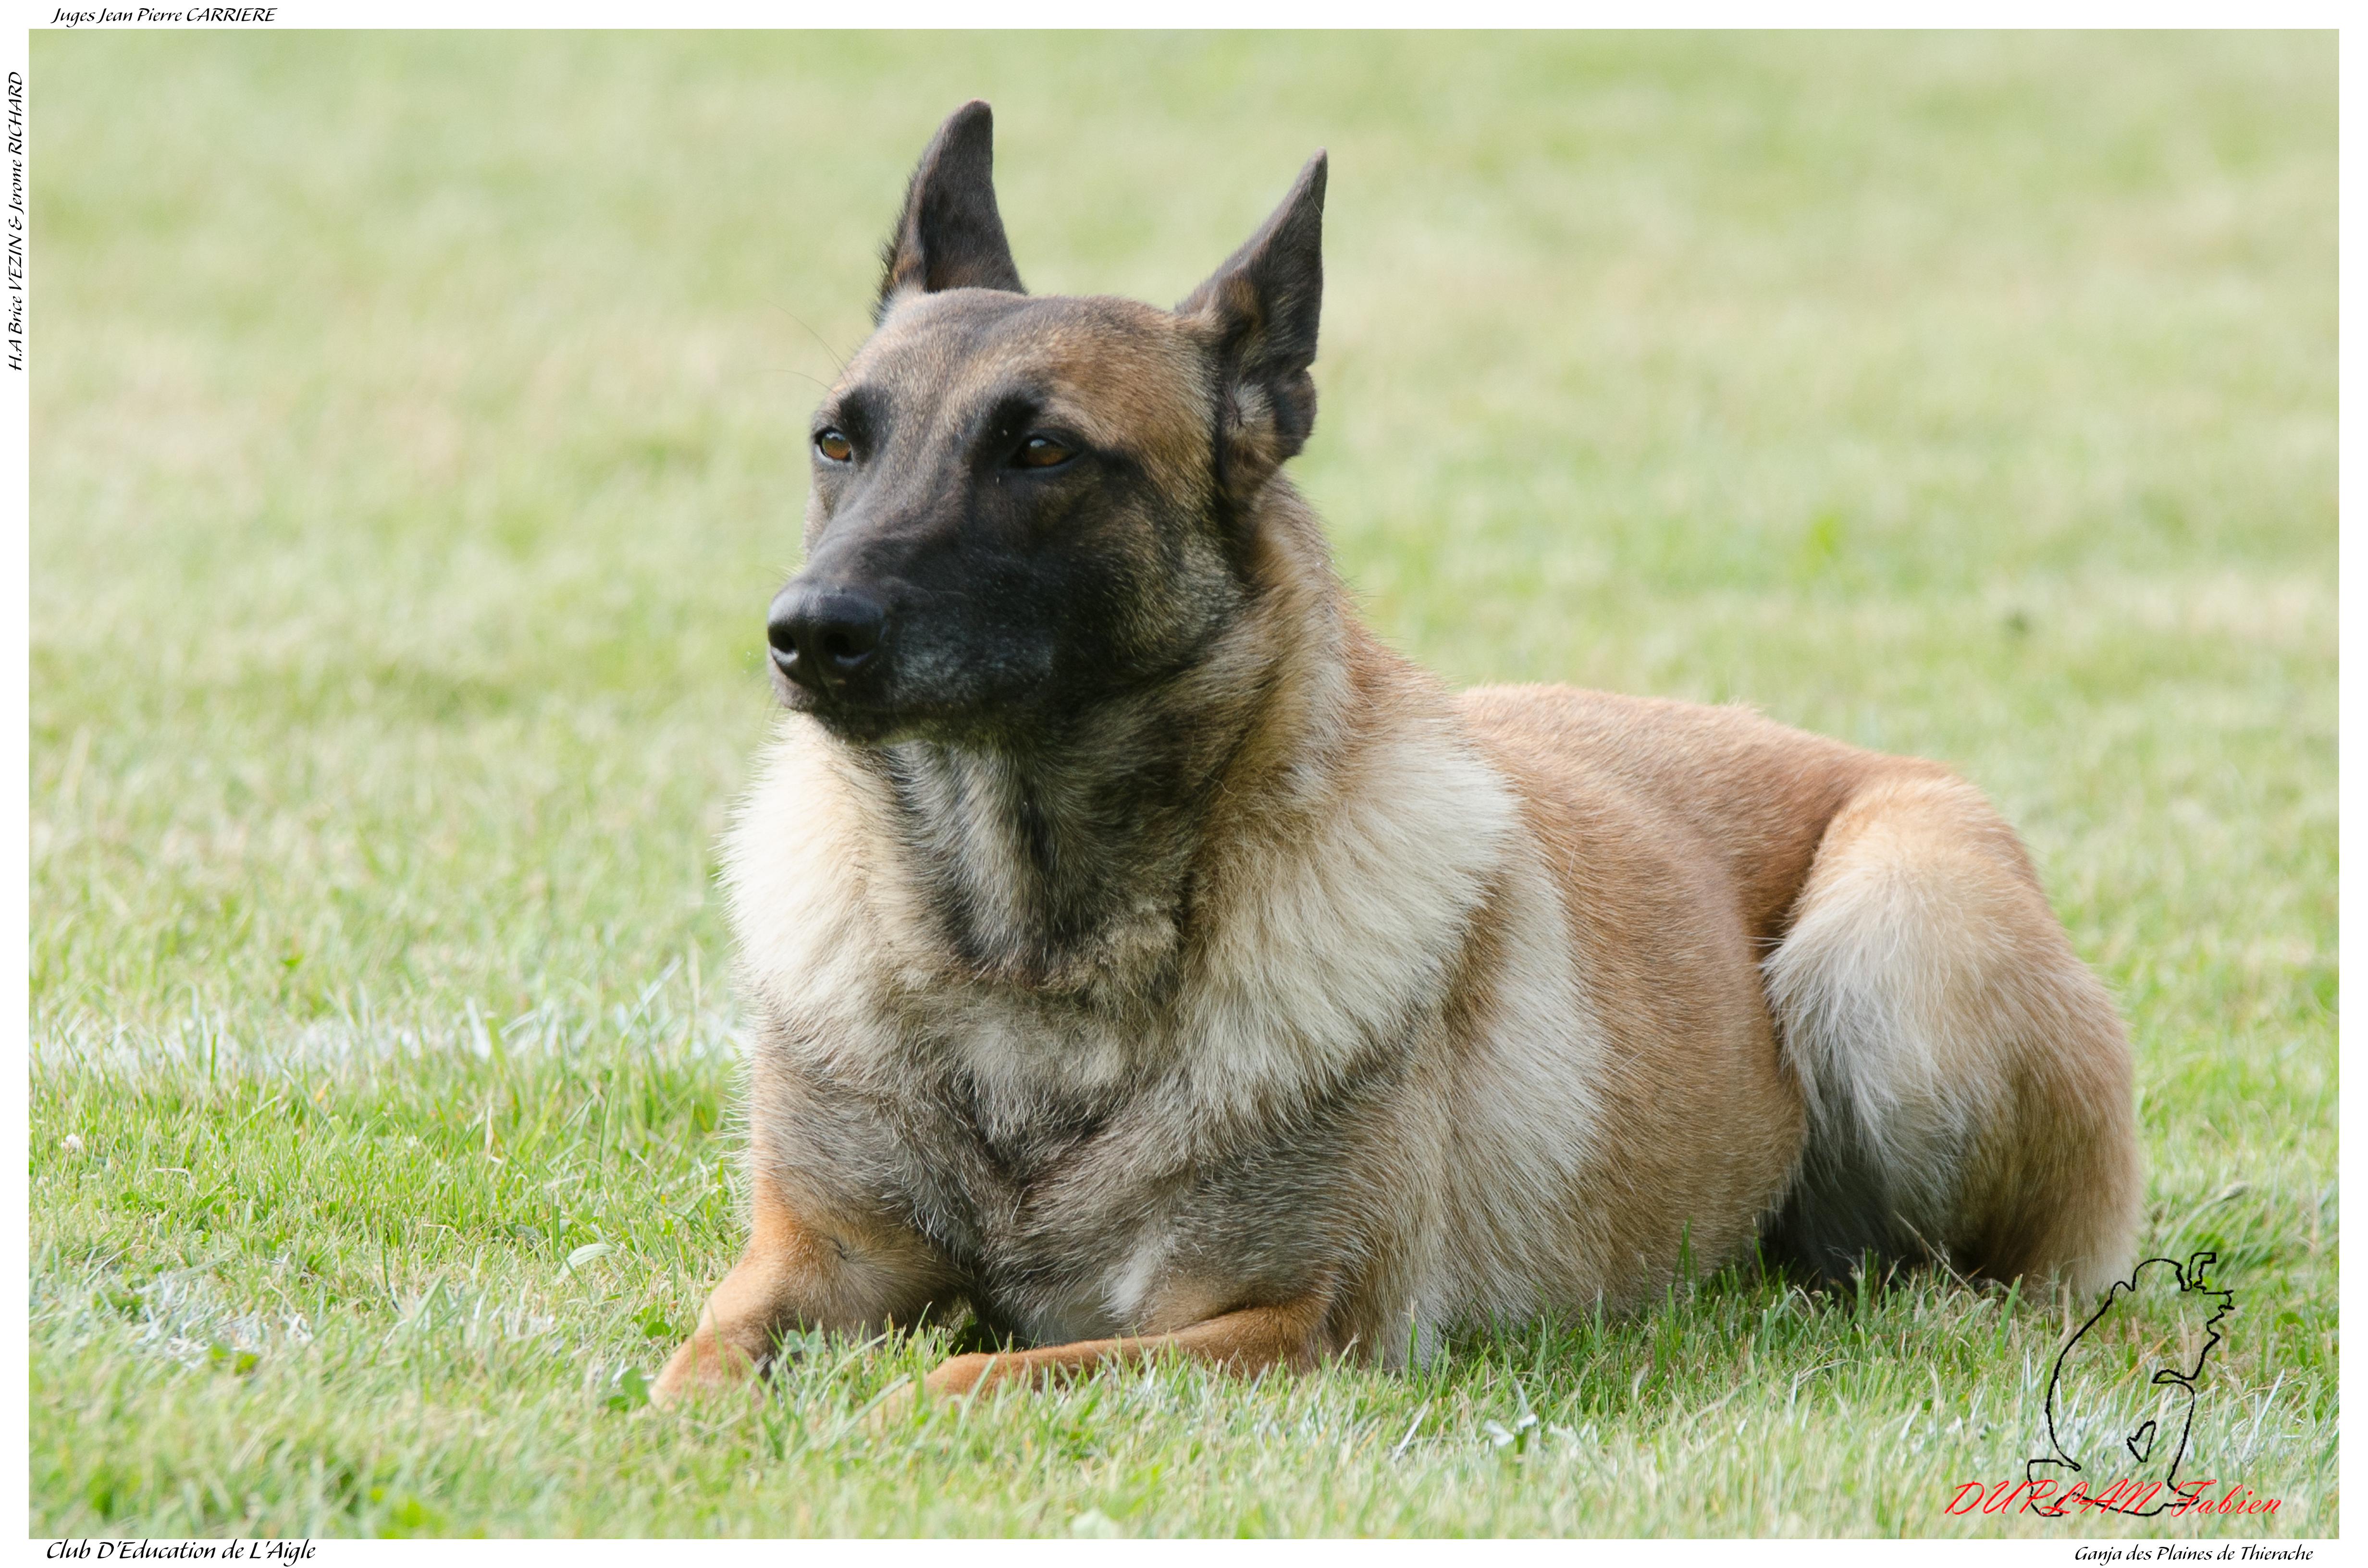 Ganja des Plaines de Thierache Desamblanc Ph -3094, Animal, Dog, Outdoor, Pet, HQ Photo